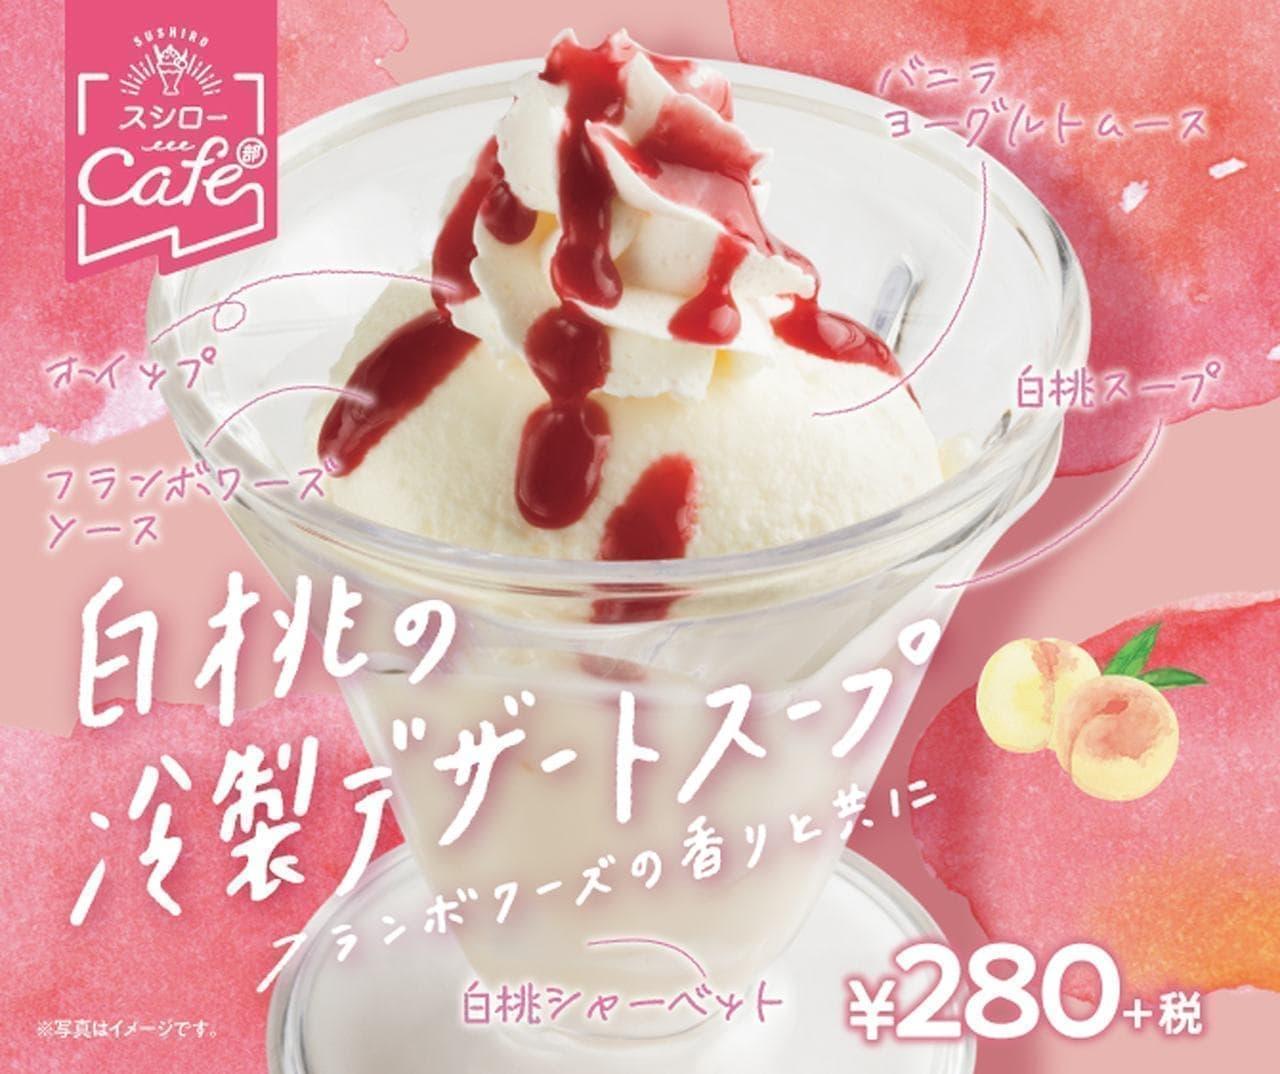 スシロー「大切りの夏!100円の夏!」